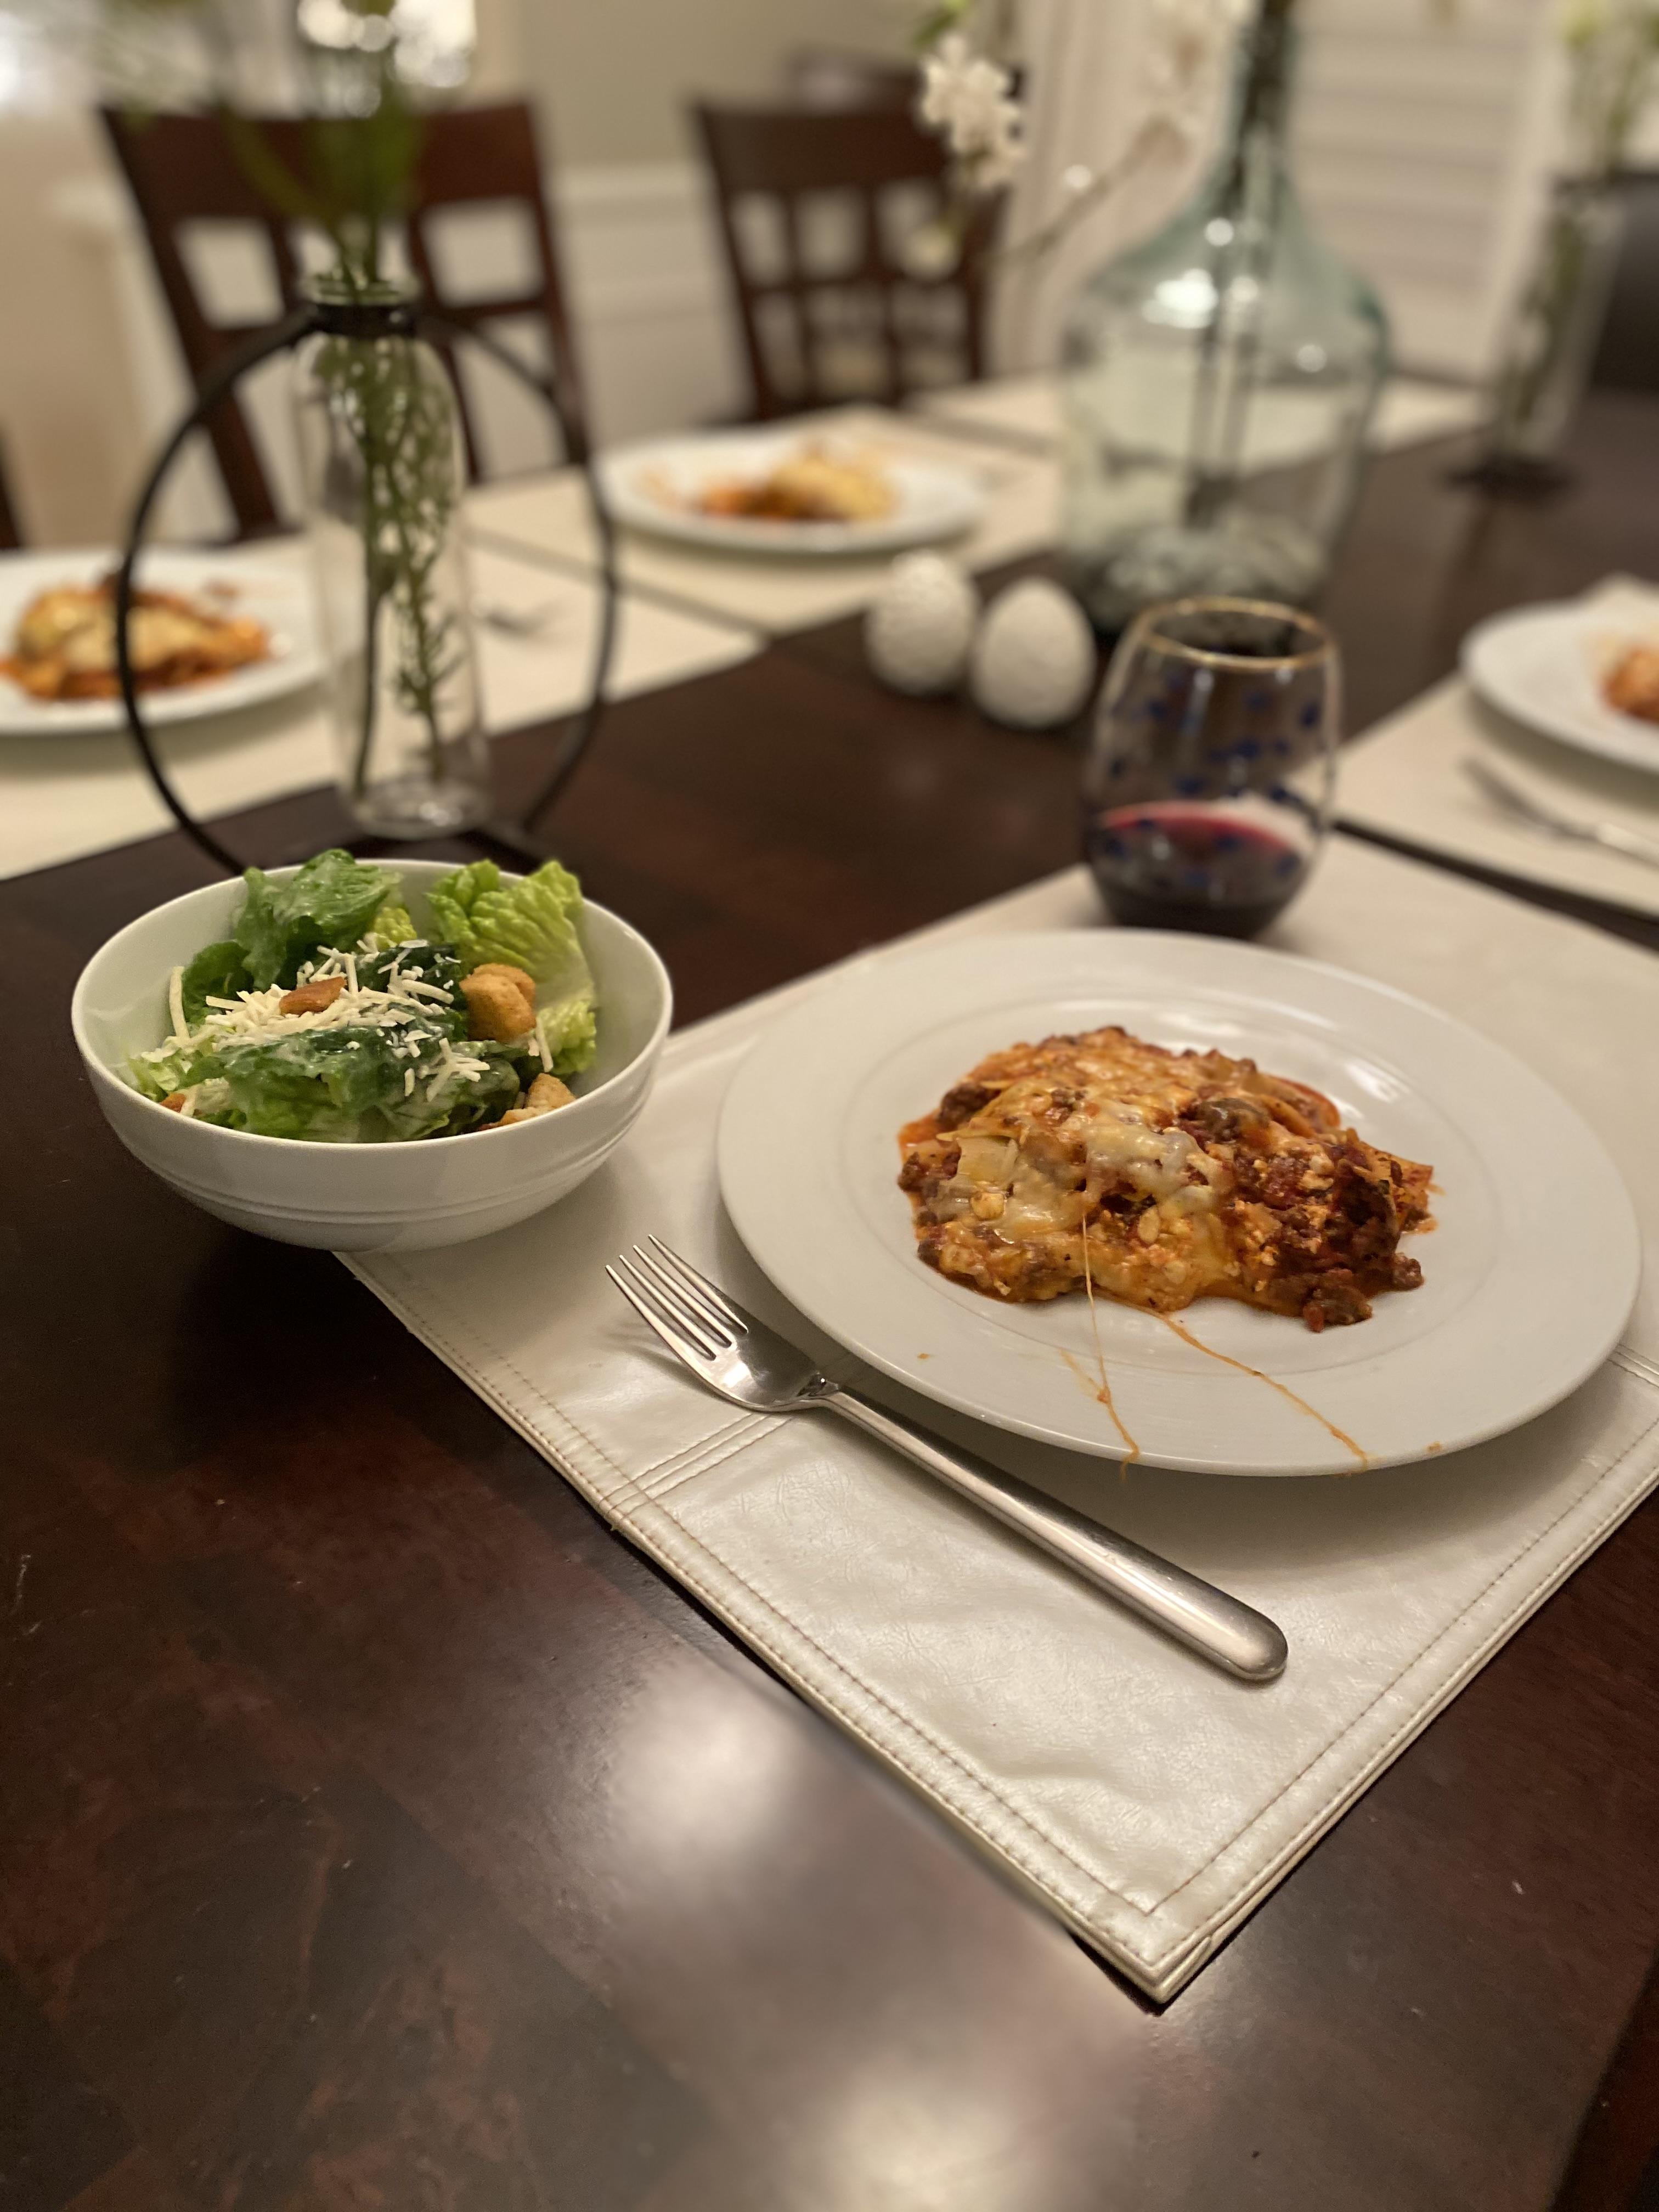 Lasagna on Table